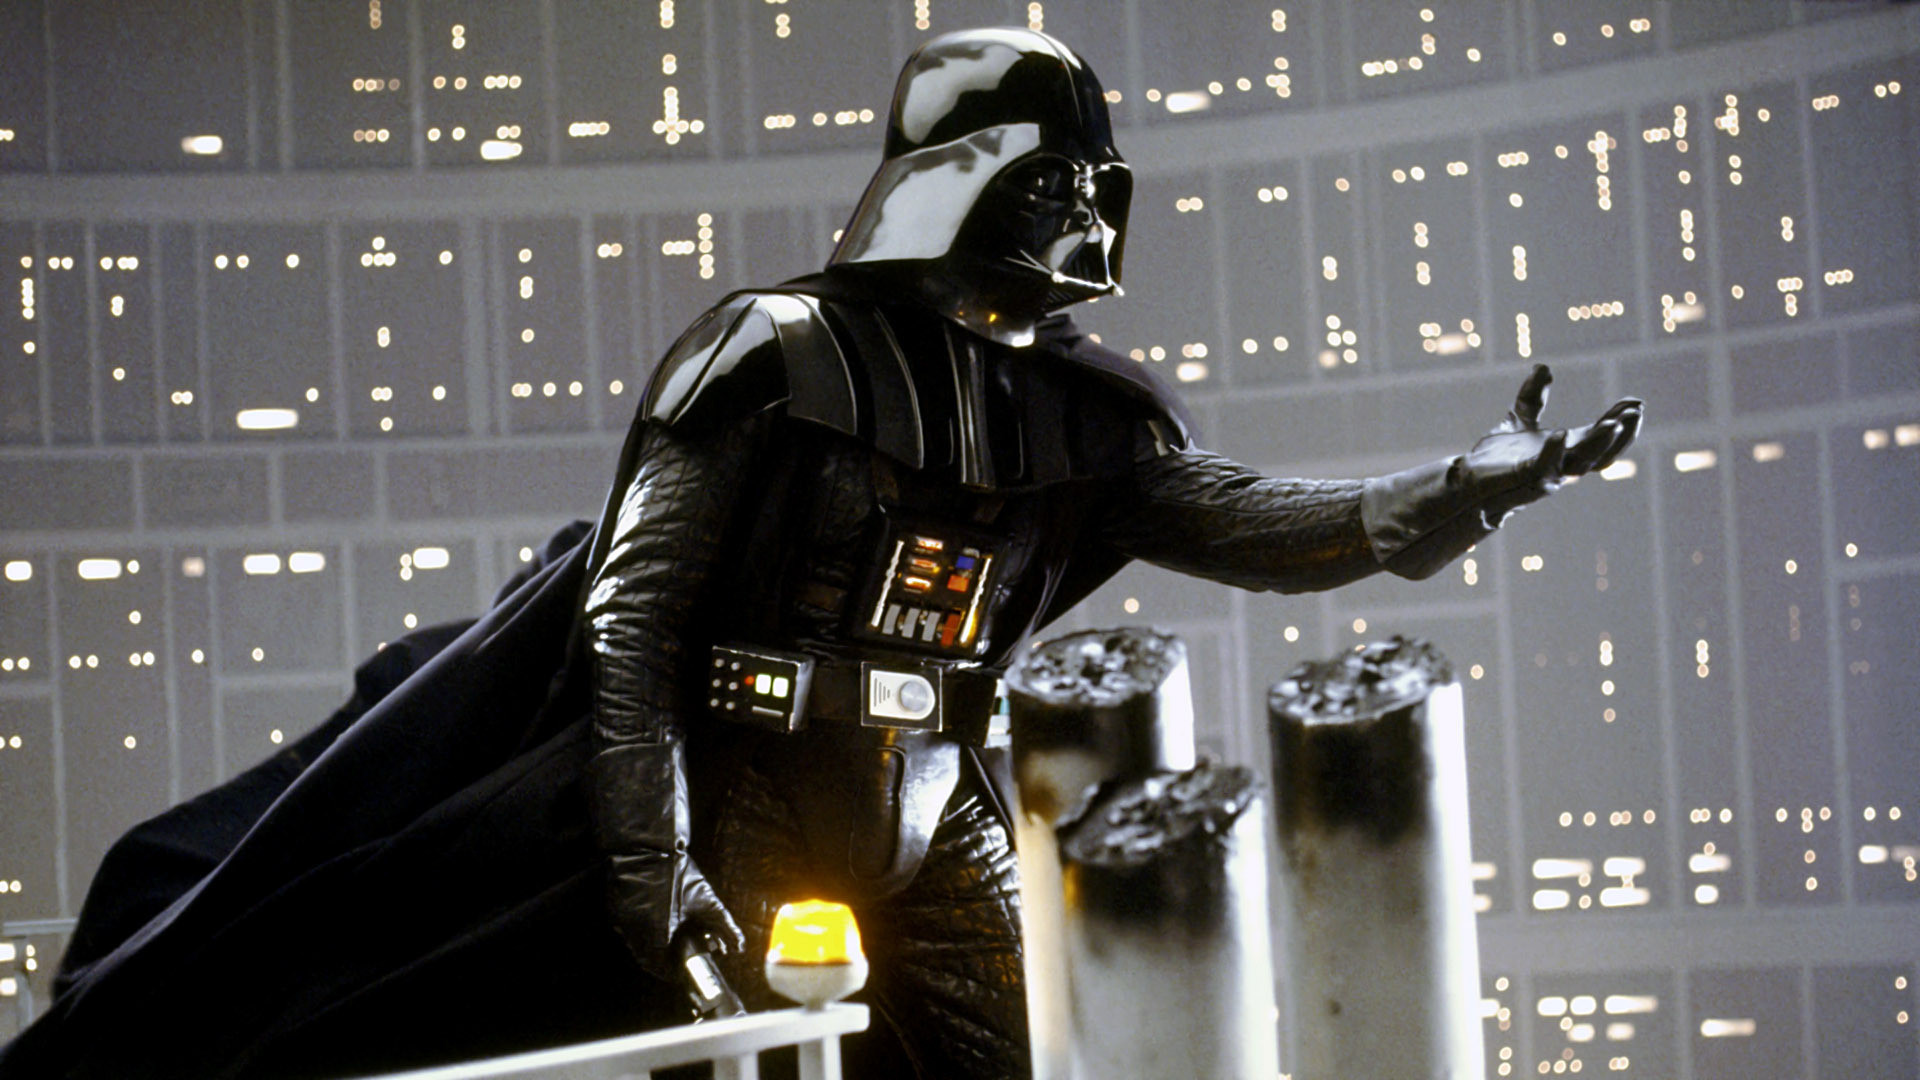 Empire Strikes Back Wallpaper 6 Star Wars Girlgeekupnorth